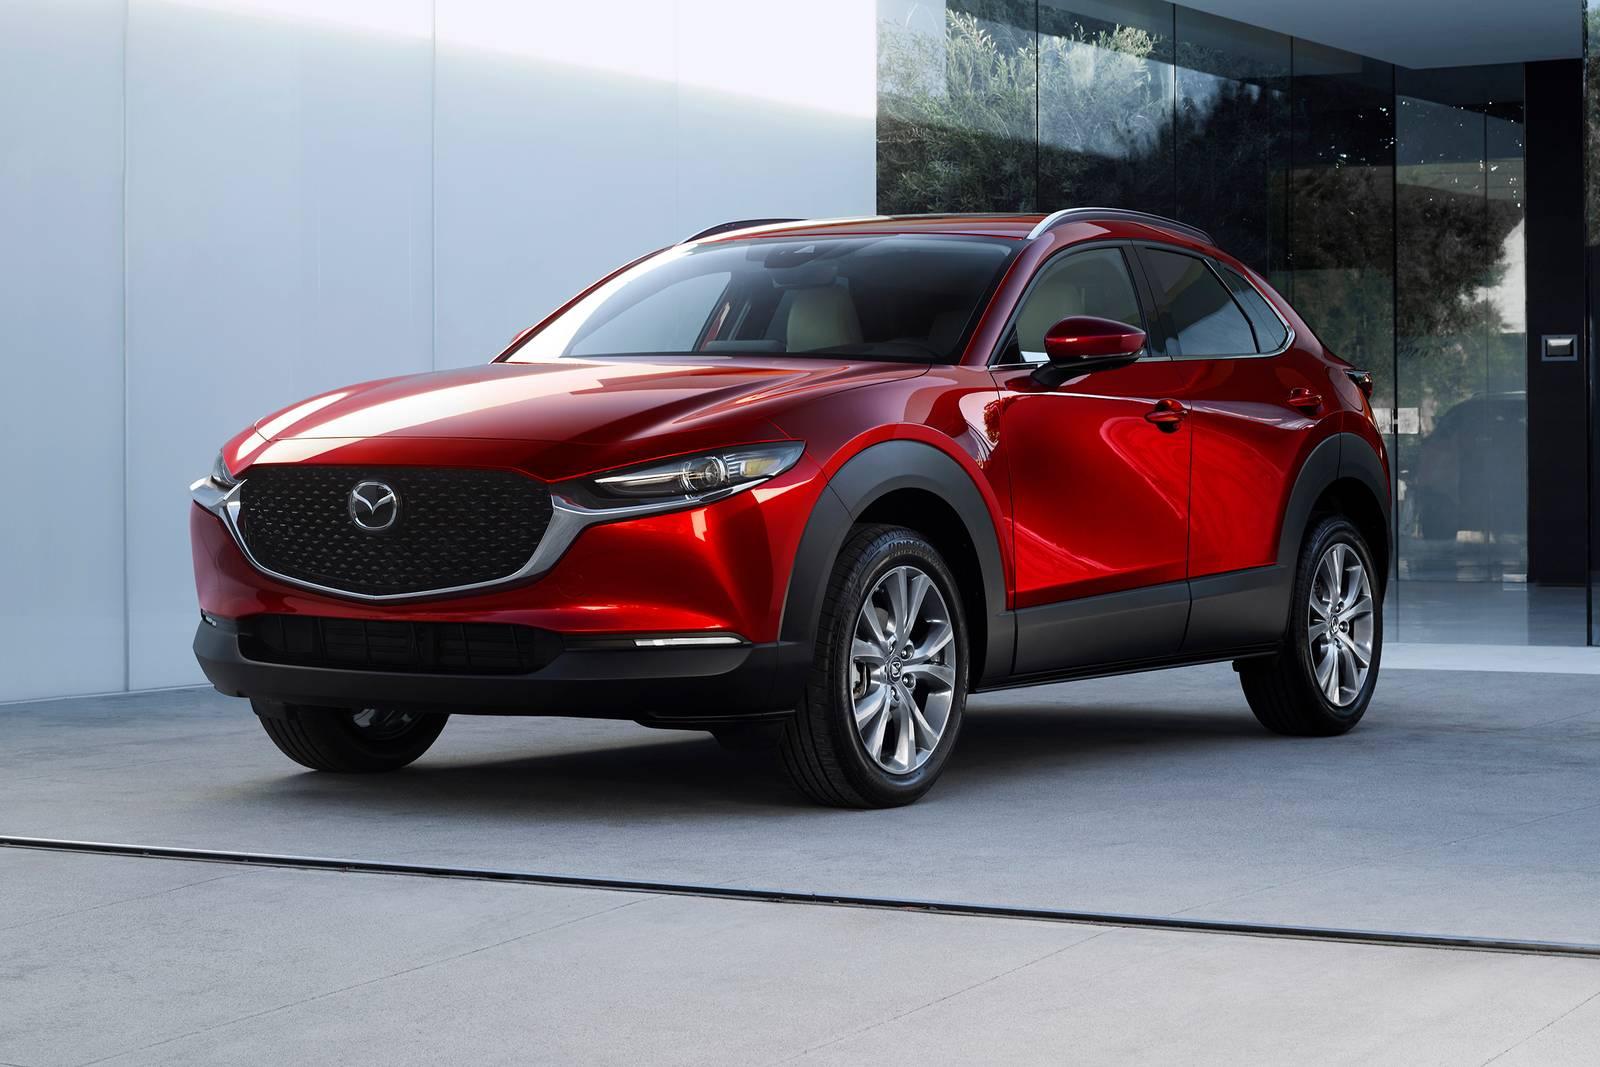 2022 Mazda Cx 30 Premium Price Specs Trims Width